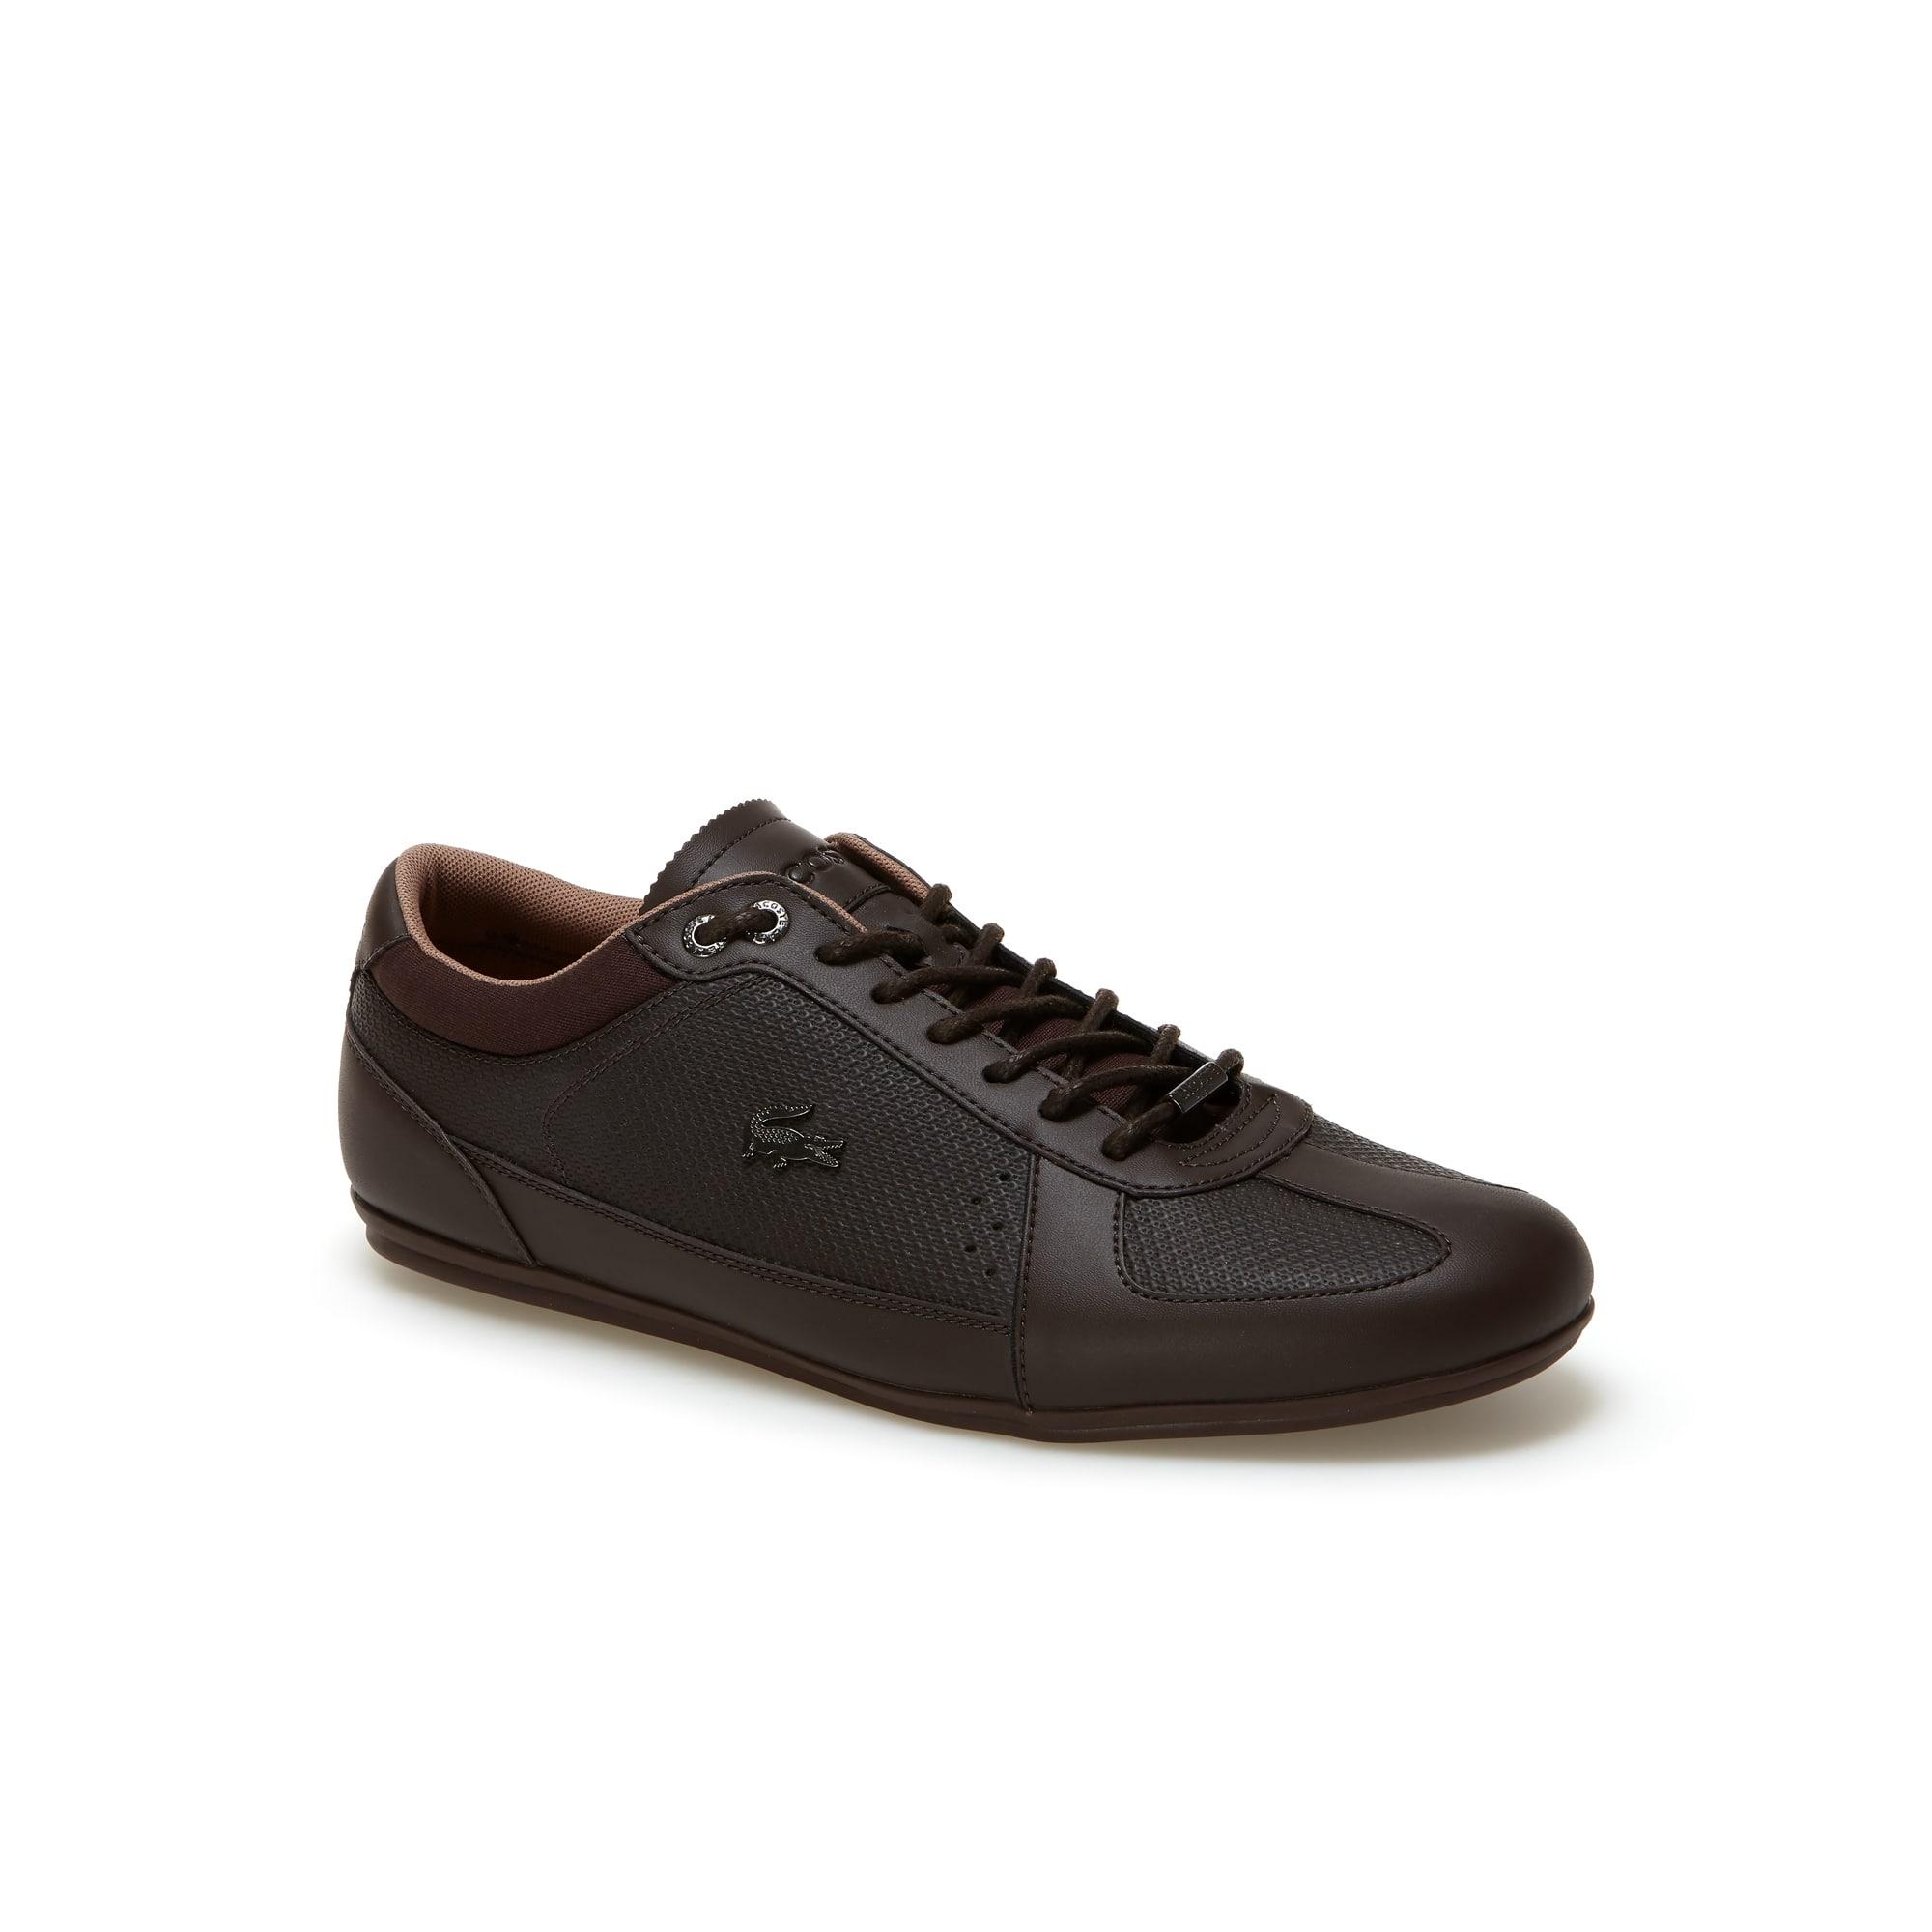 Herren-Sneakers EVARA aus Leder